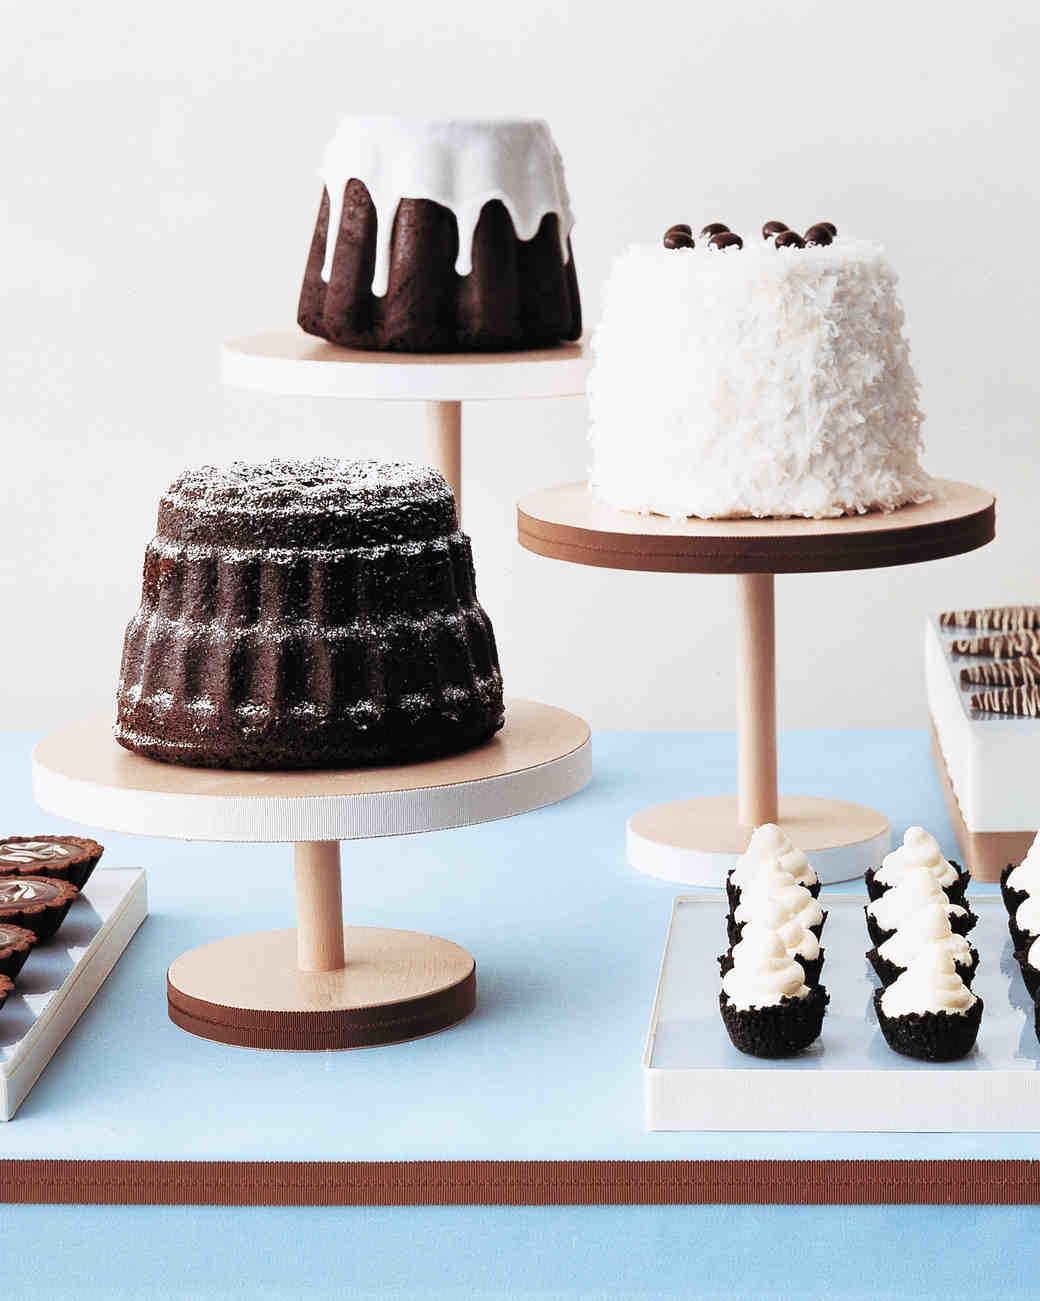 ron-ben-israel-cakes-winter-2004-dessert-buffet-0814.jpg